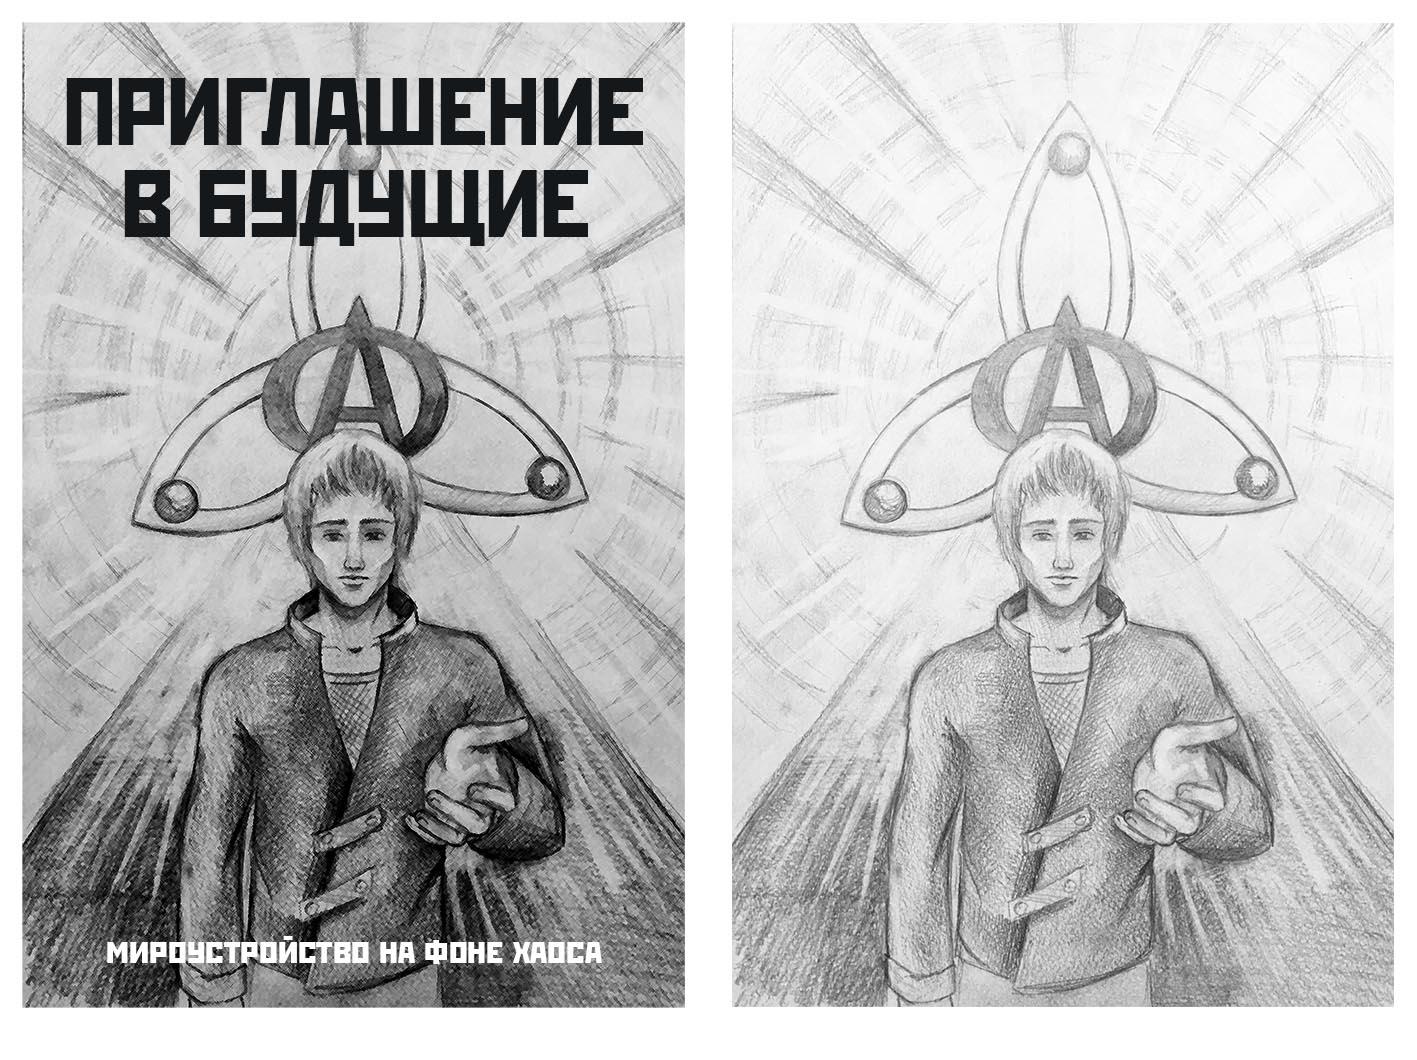 23 чёрно-белые и 1 цветная иллюстрация для книги (конкурс) фото f_18059bb7946ad774.jpg